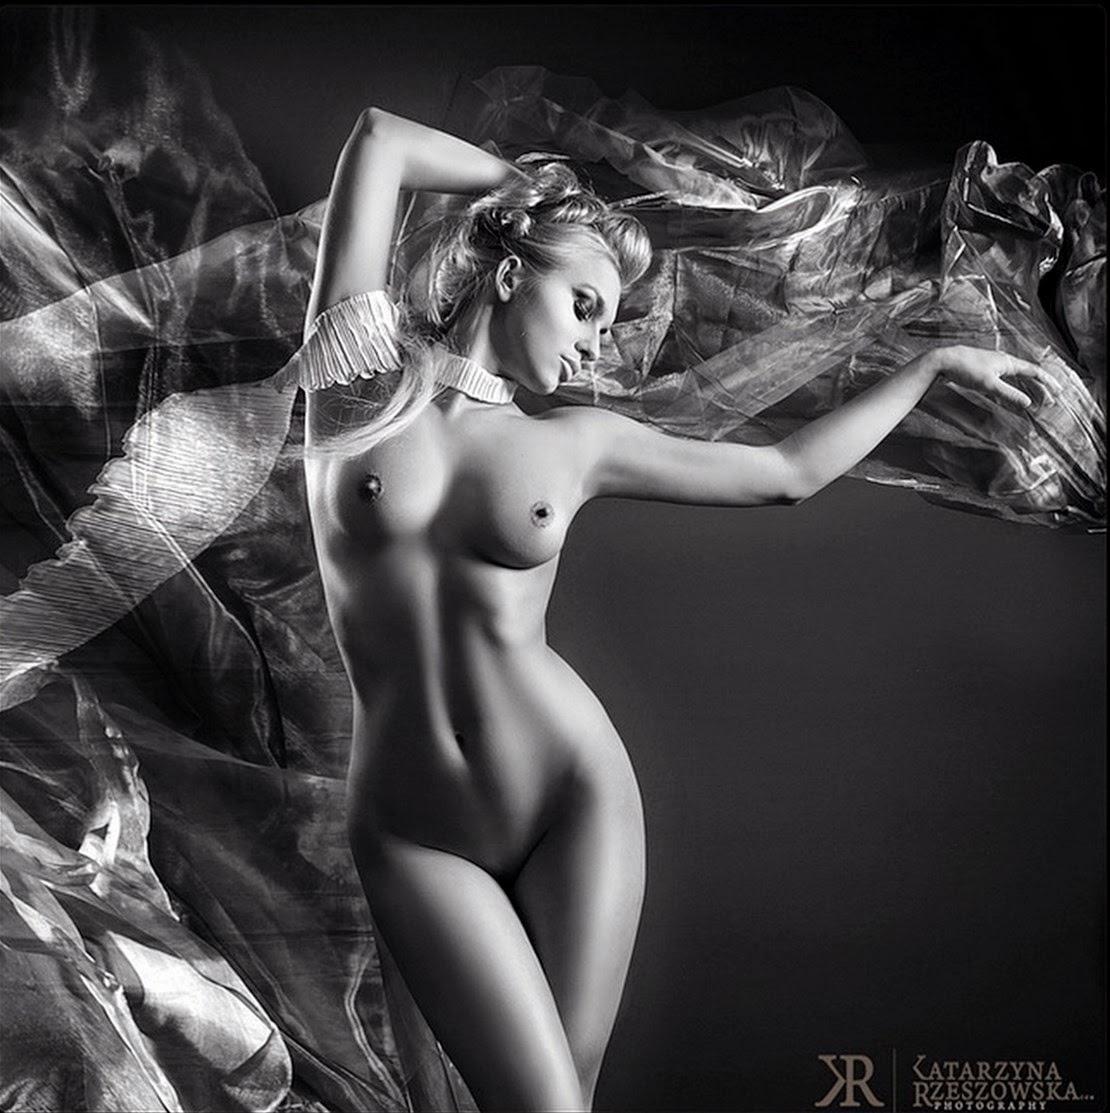 fotos-artísticas-de-mujeres-en-blanco-y-negro